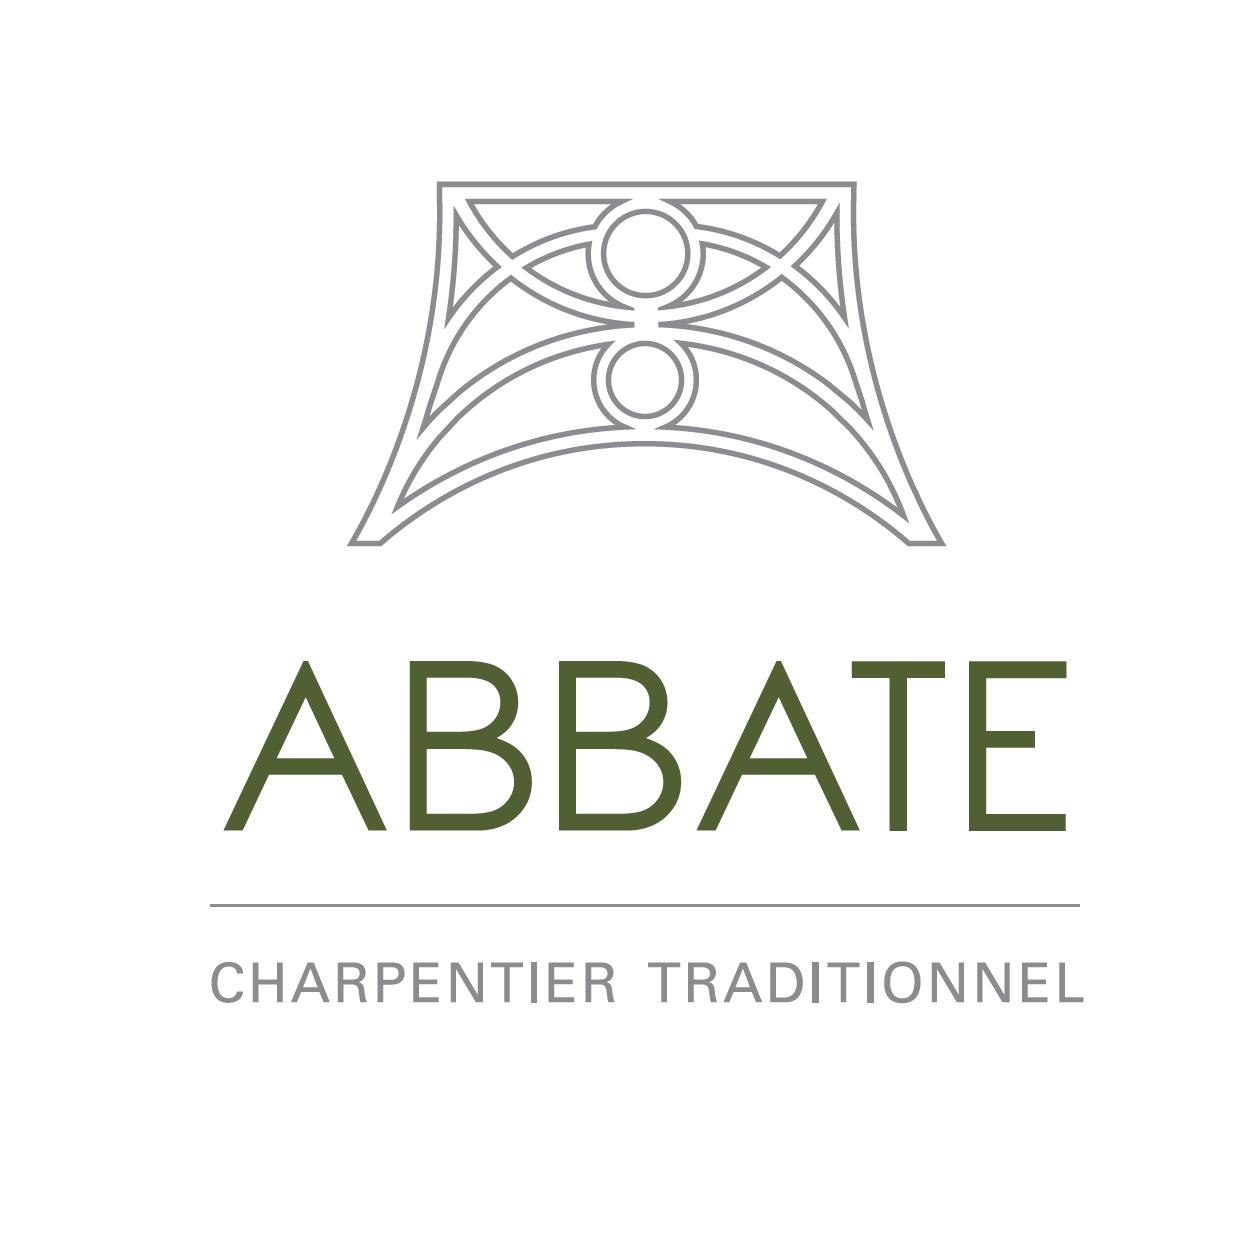 abbate_logo